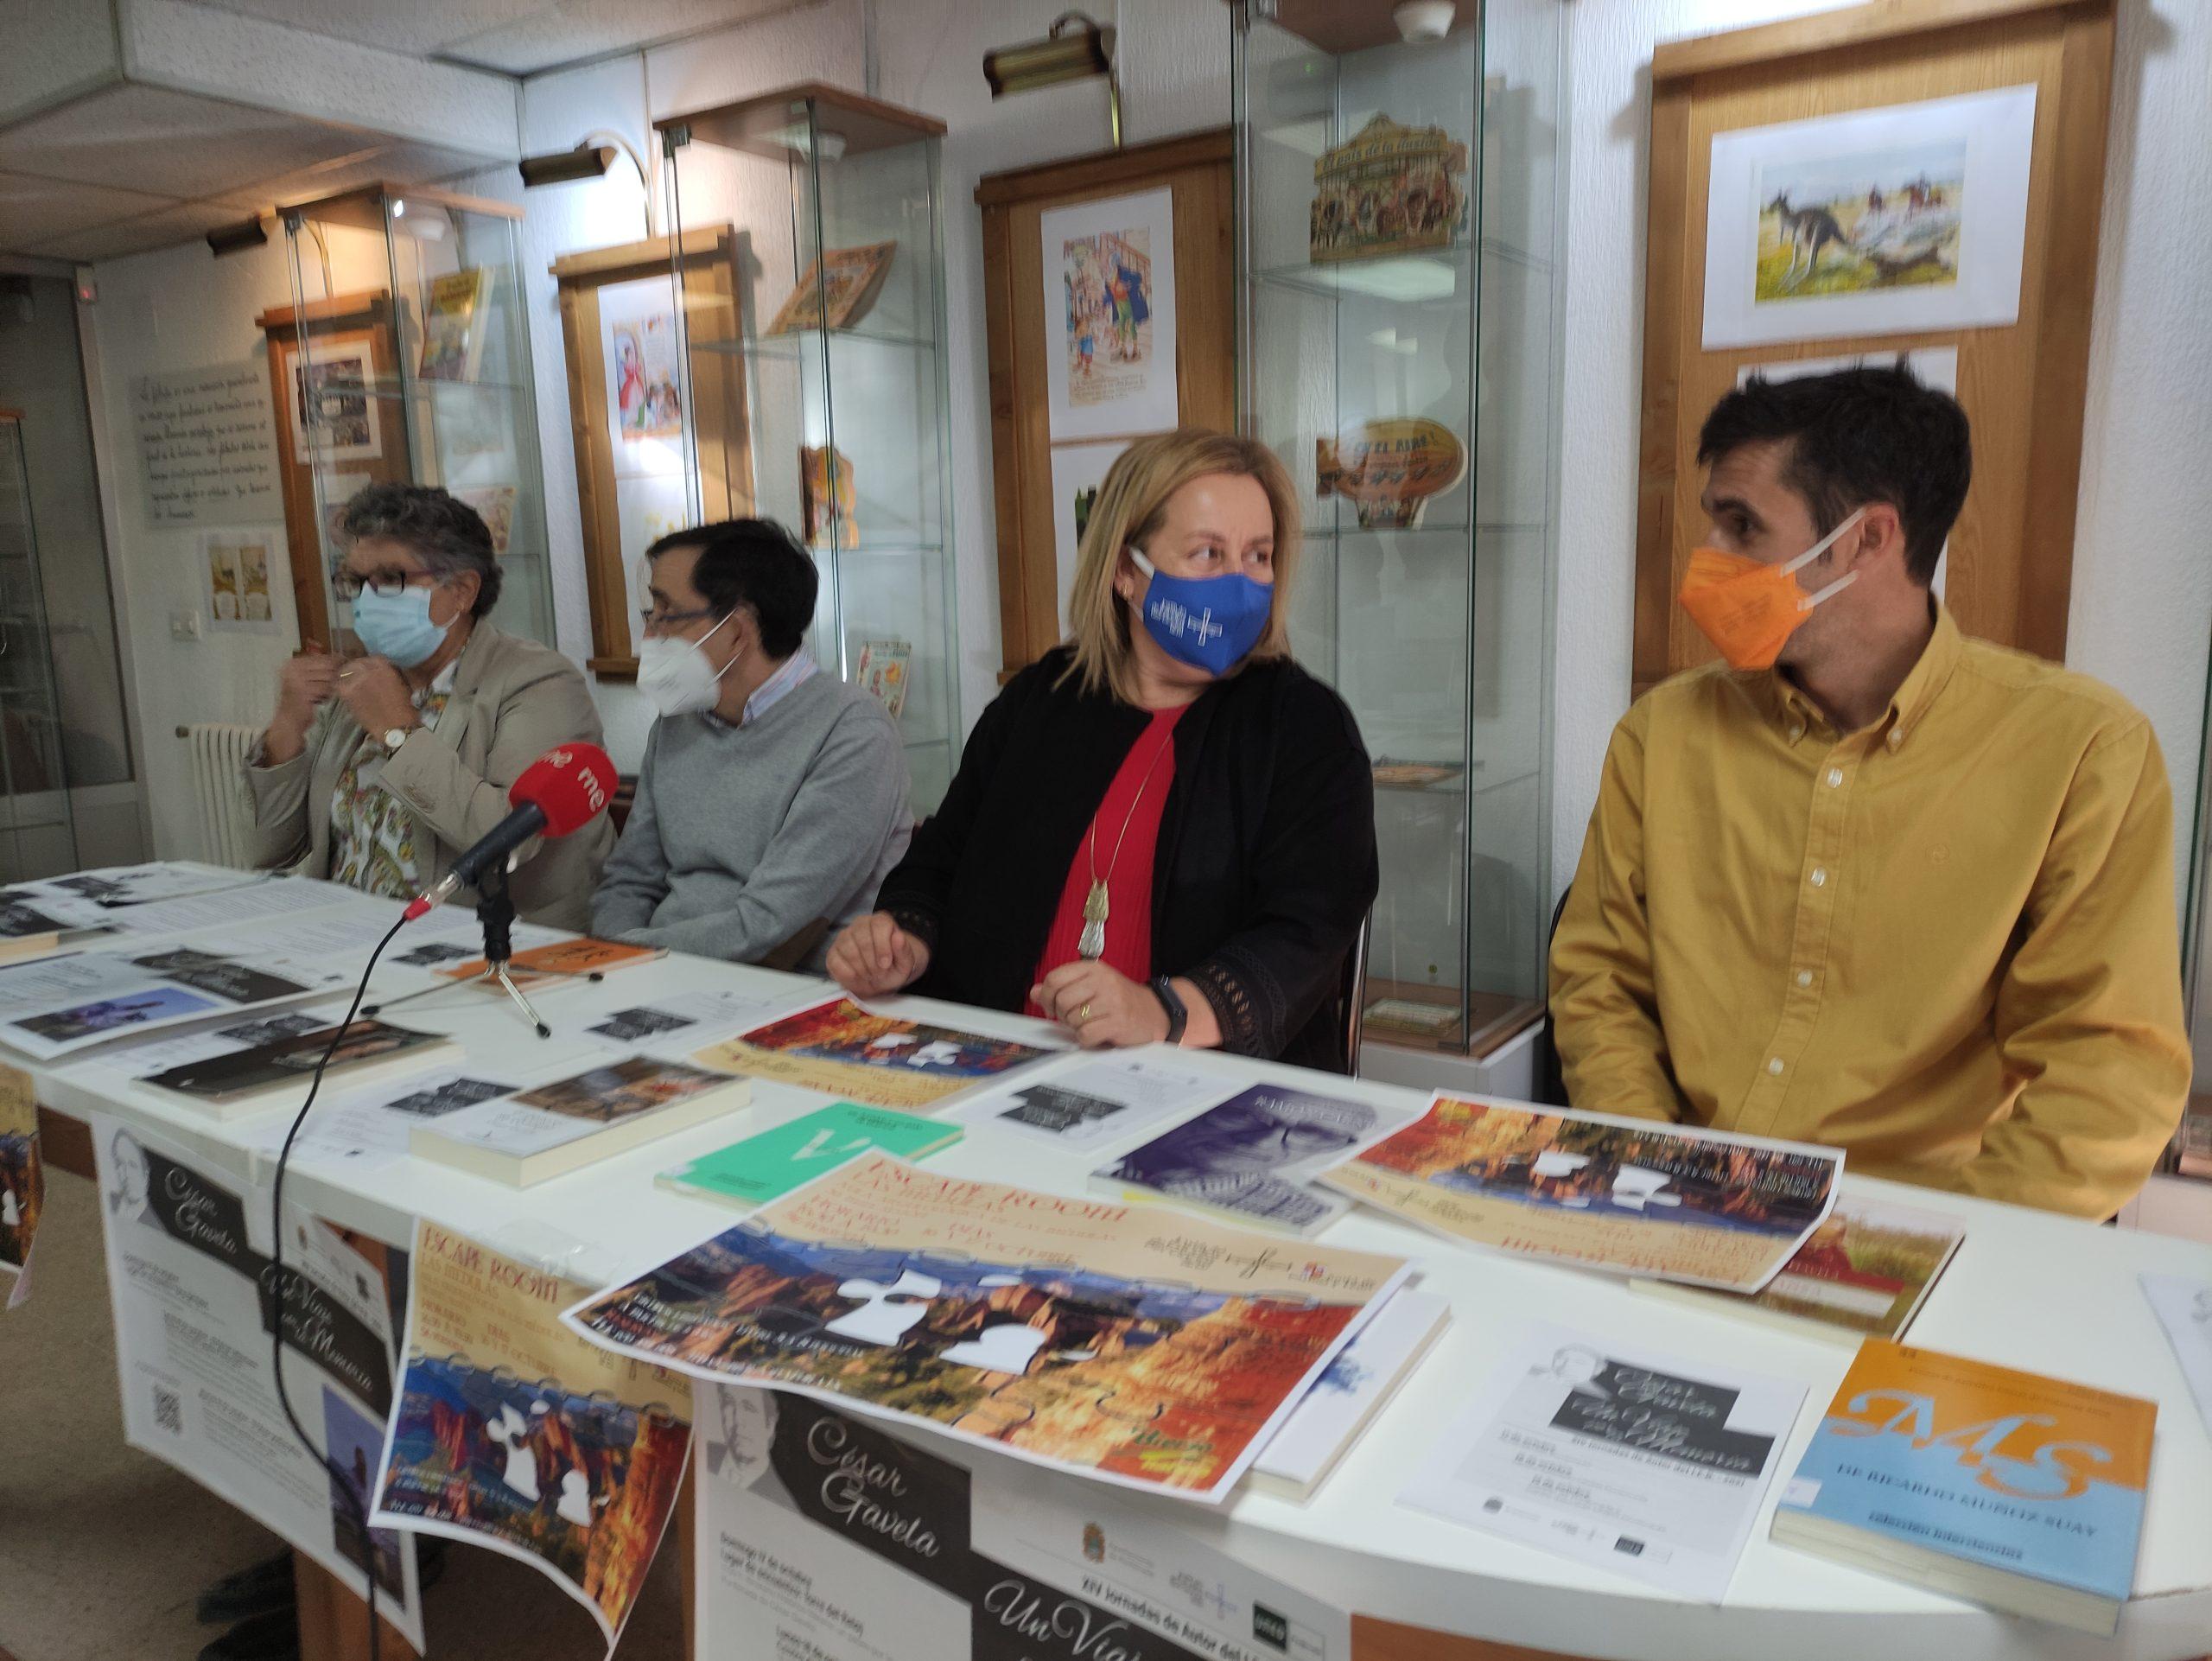 XIV Jornadas de Autor organizadas por el IEB y dedicadas a César Gavela 1